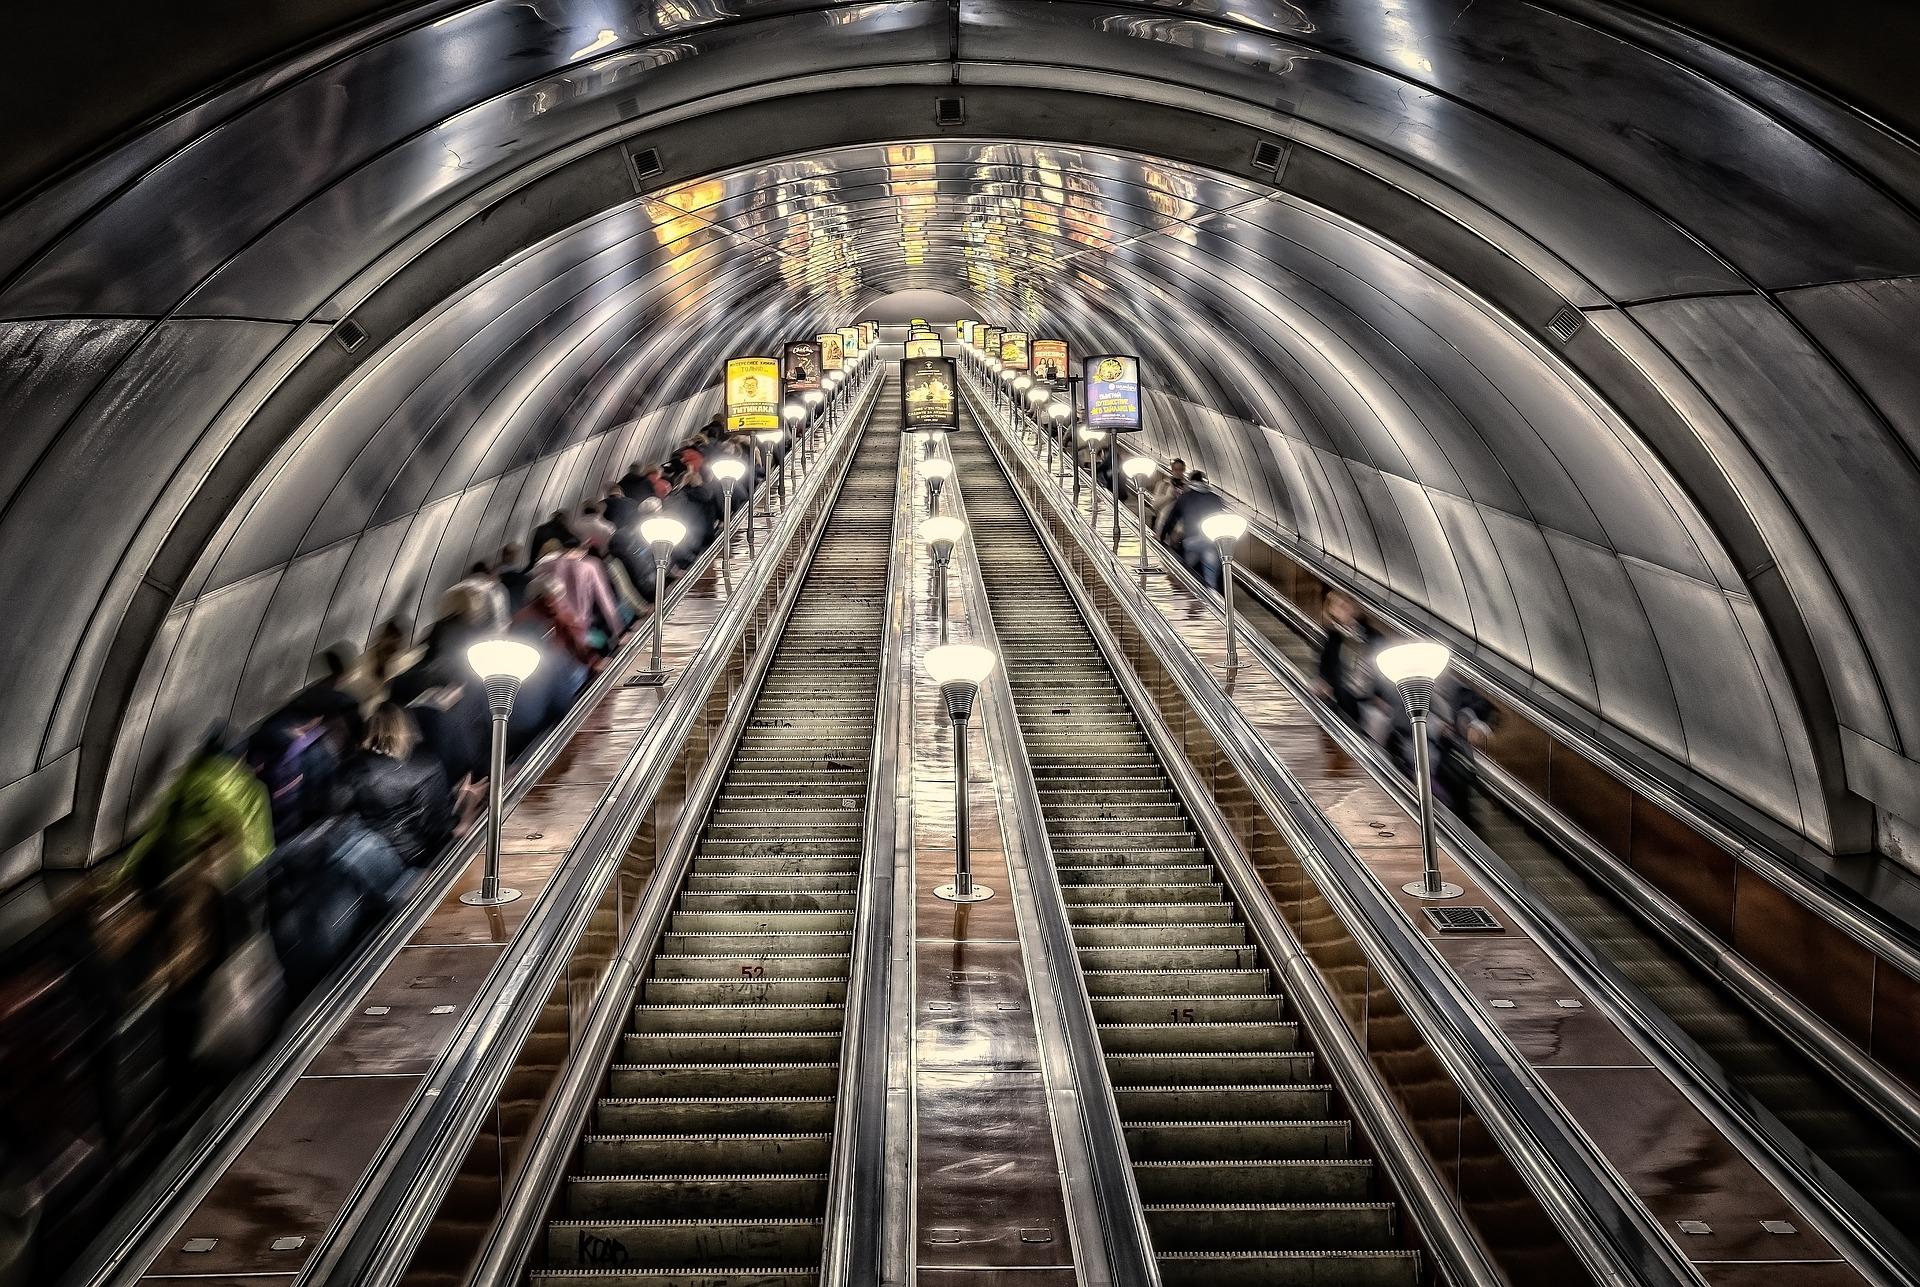 Electricité Metro